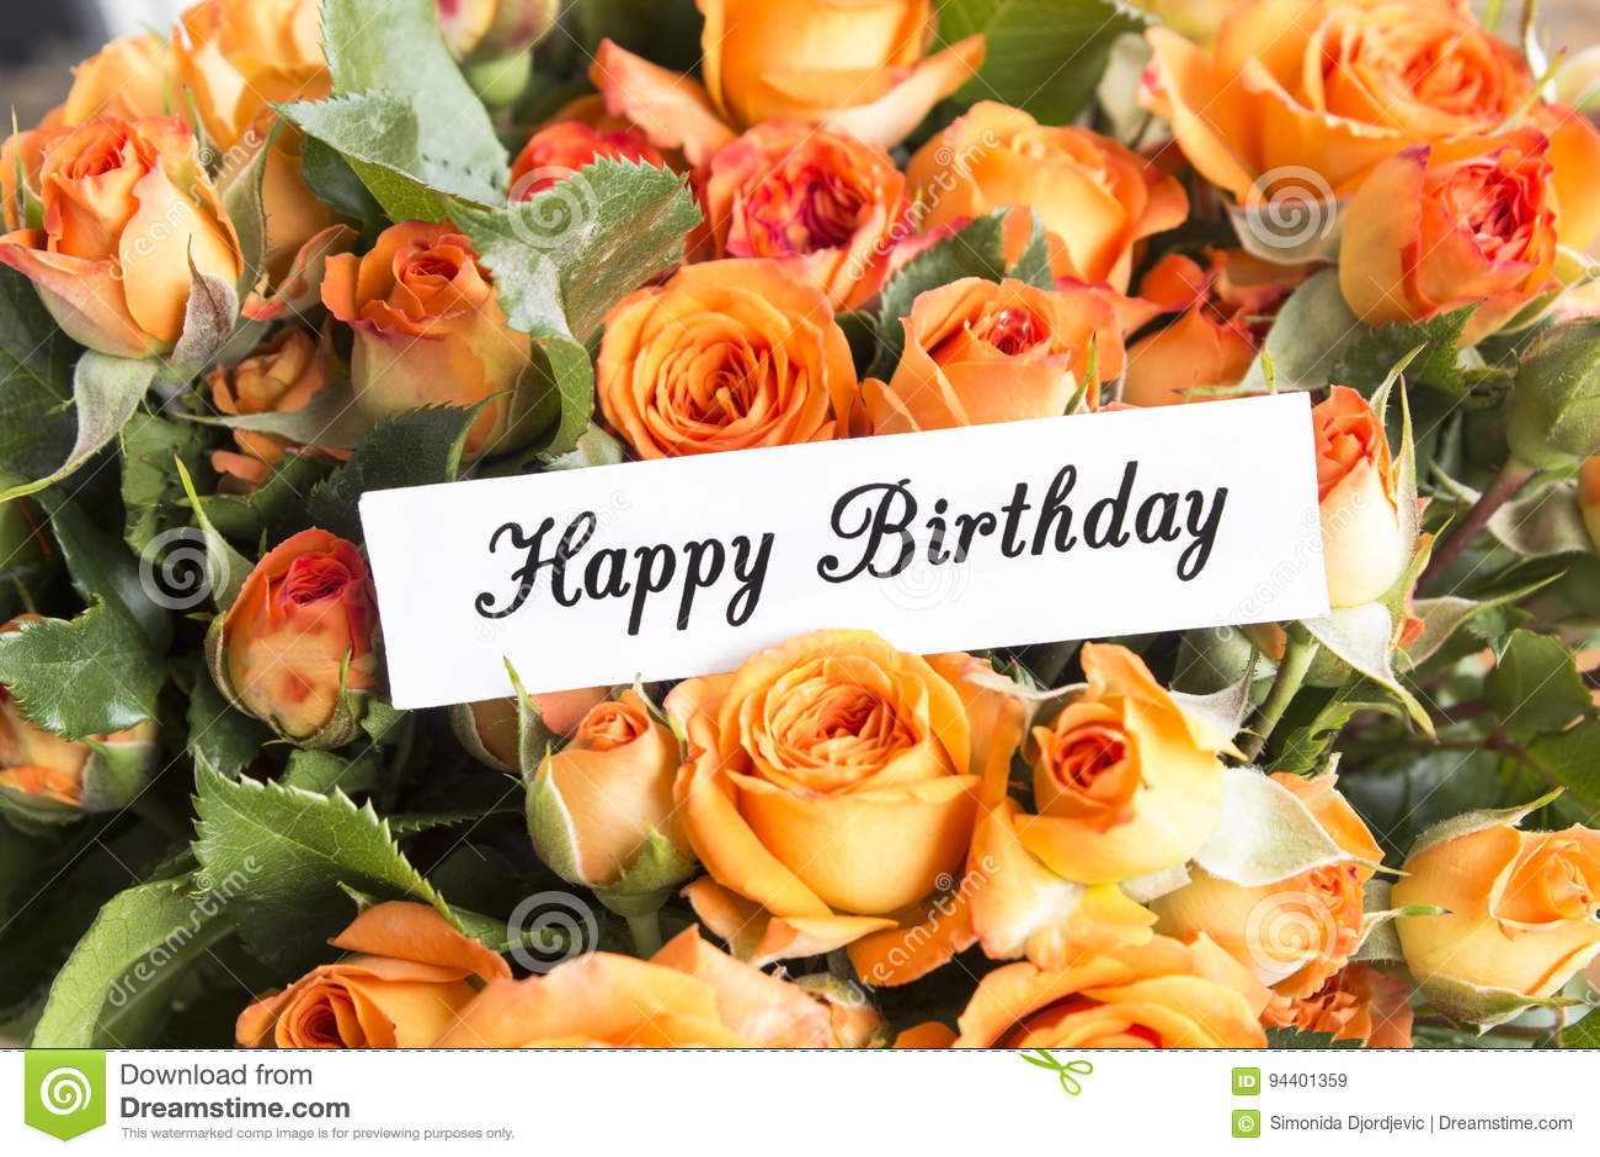 Carte De Joyeux Anniversaire Avec Le Bouquet Des Roses Oranges Image